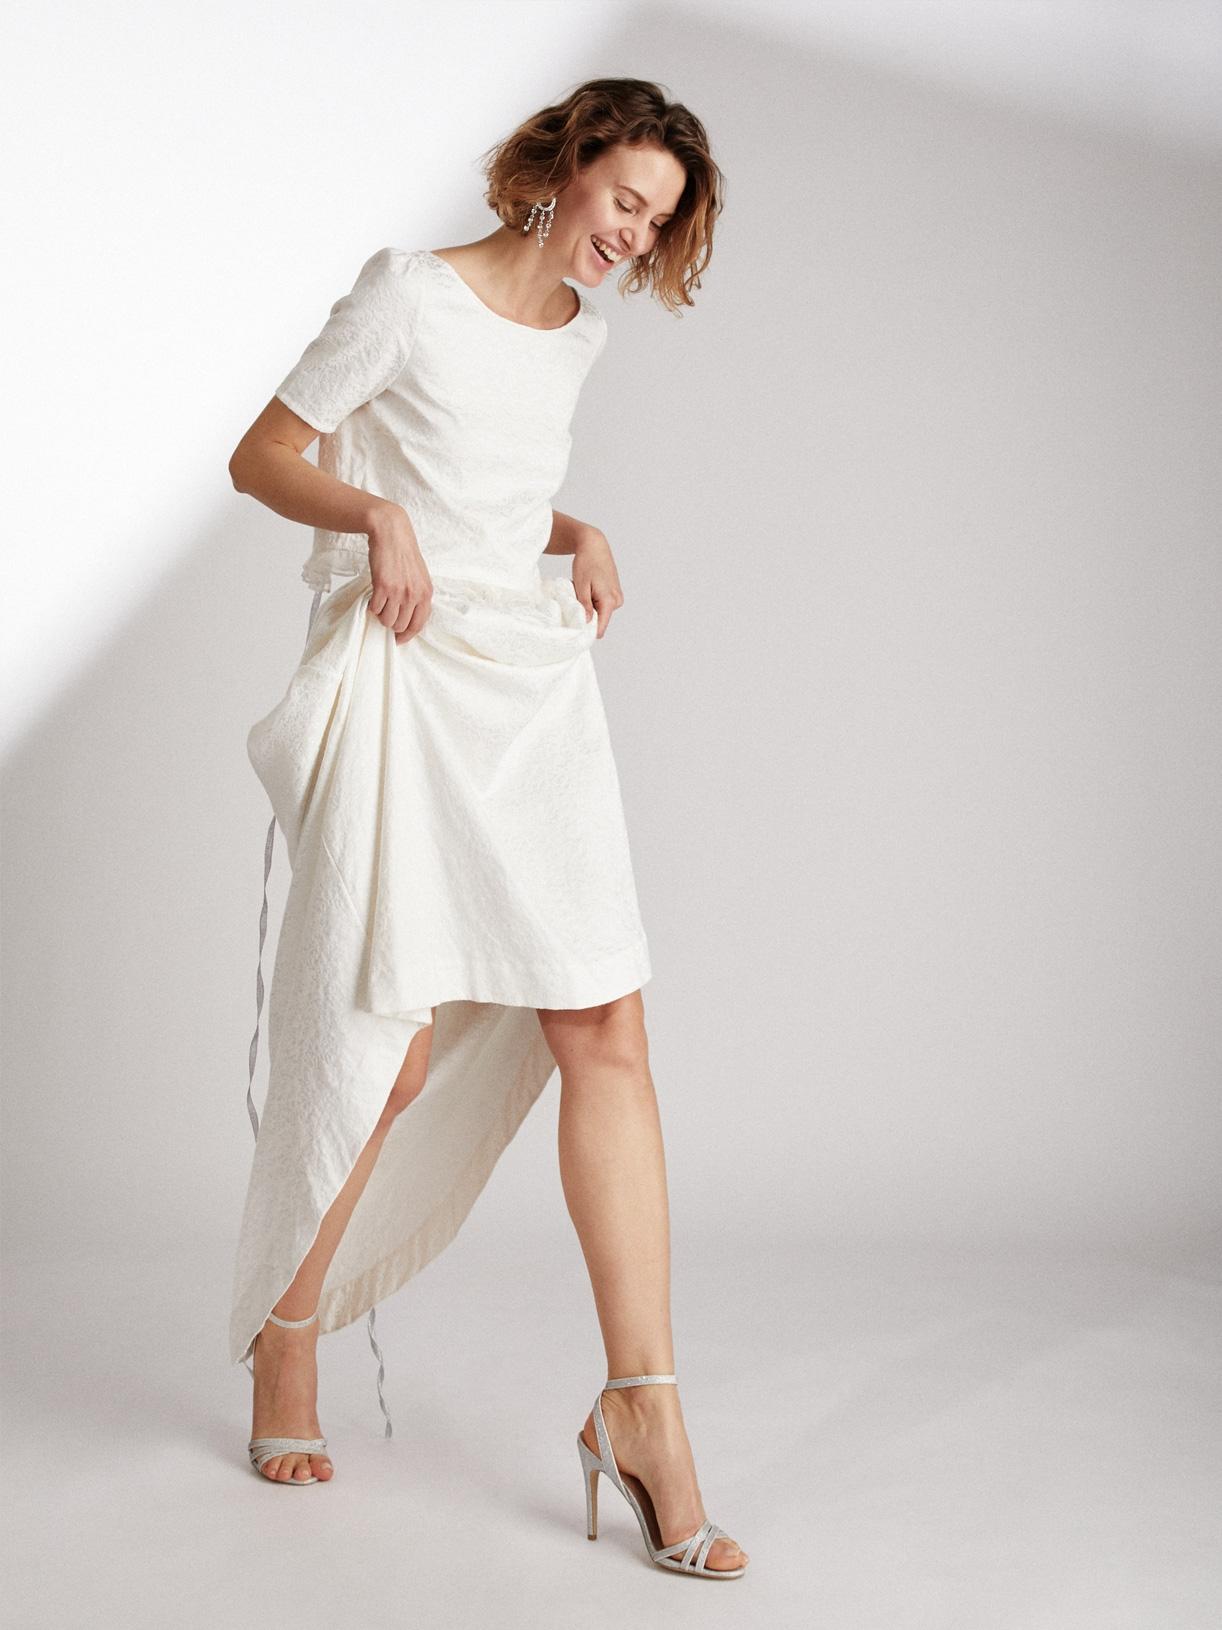 Jupe de mariée romantique vegan écoresponsable - Creatrice de robe de mariée éthique et bio a Paris - Myphilosophy